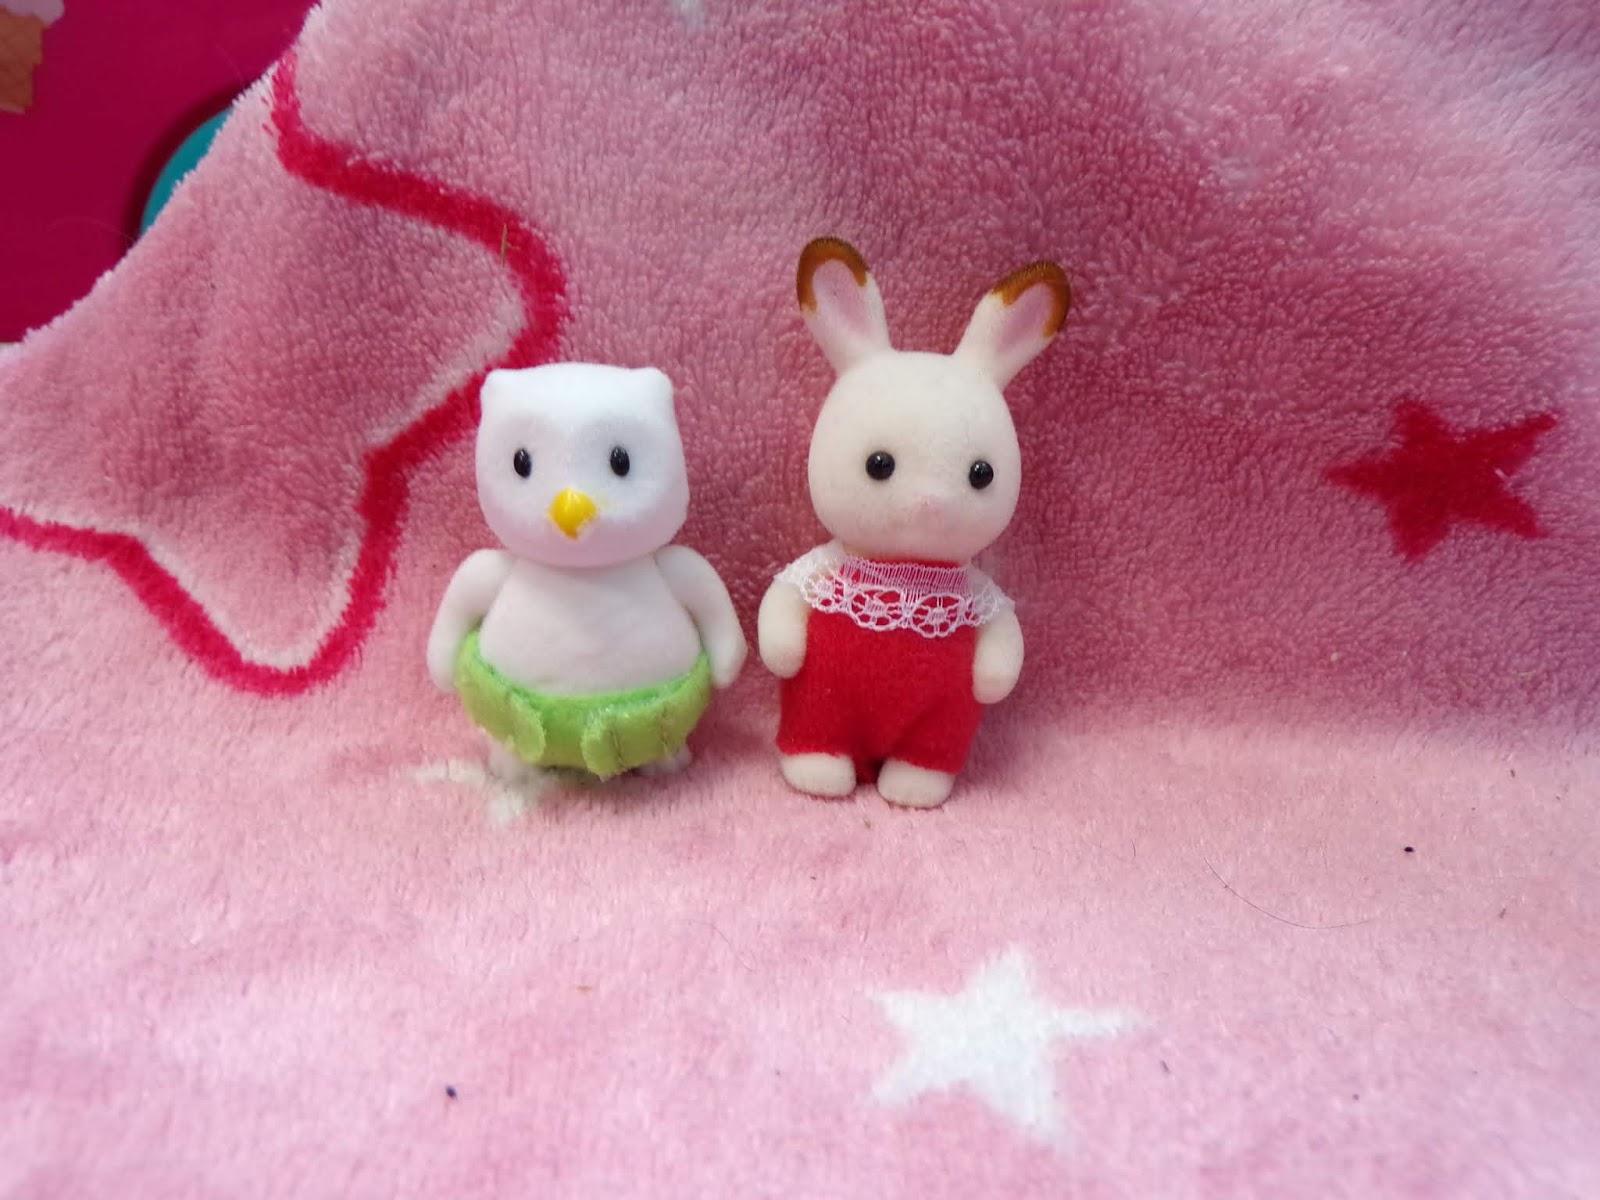 Li L Woodzeez Vs Calico Critters Toy Review Comparison